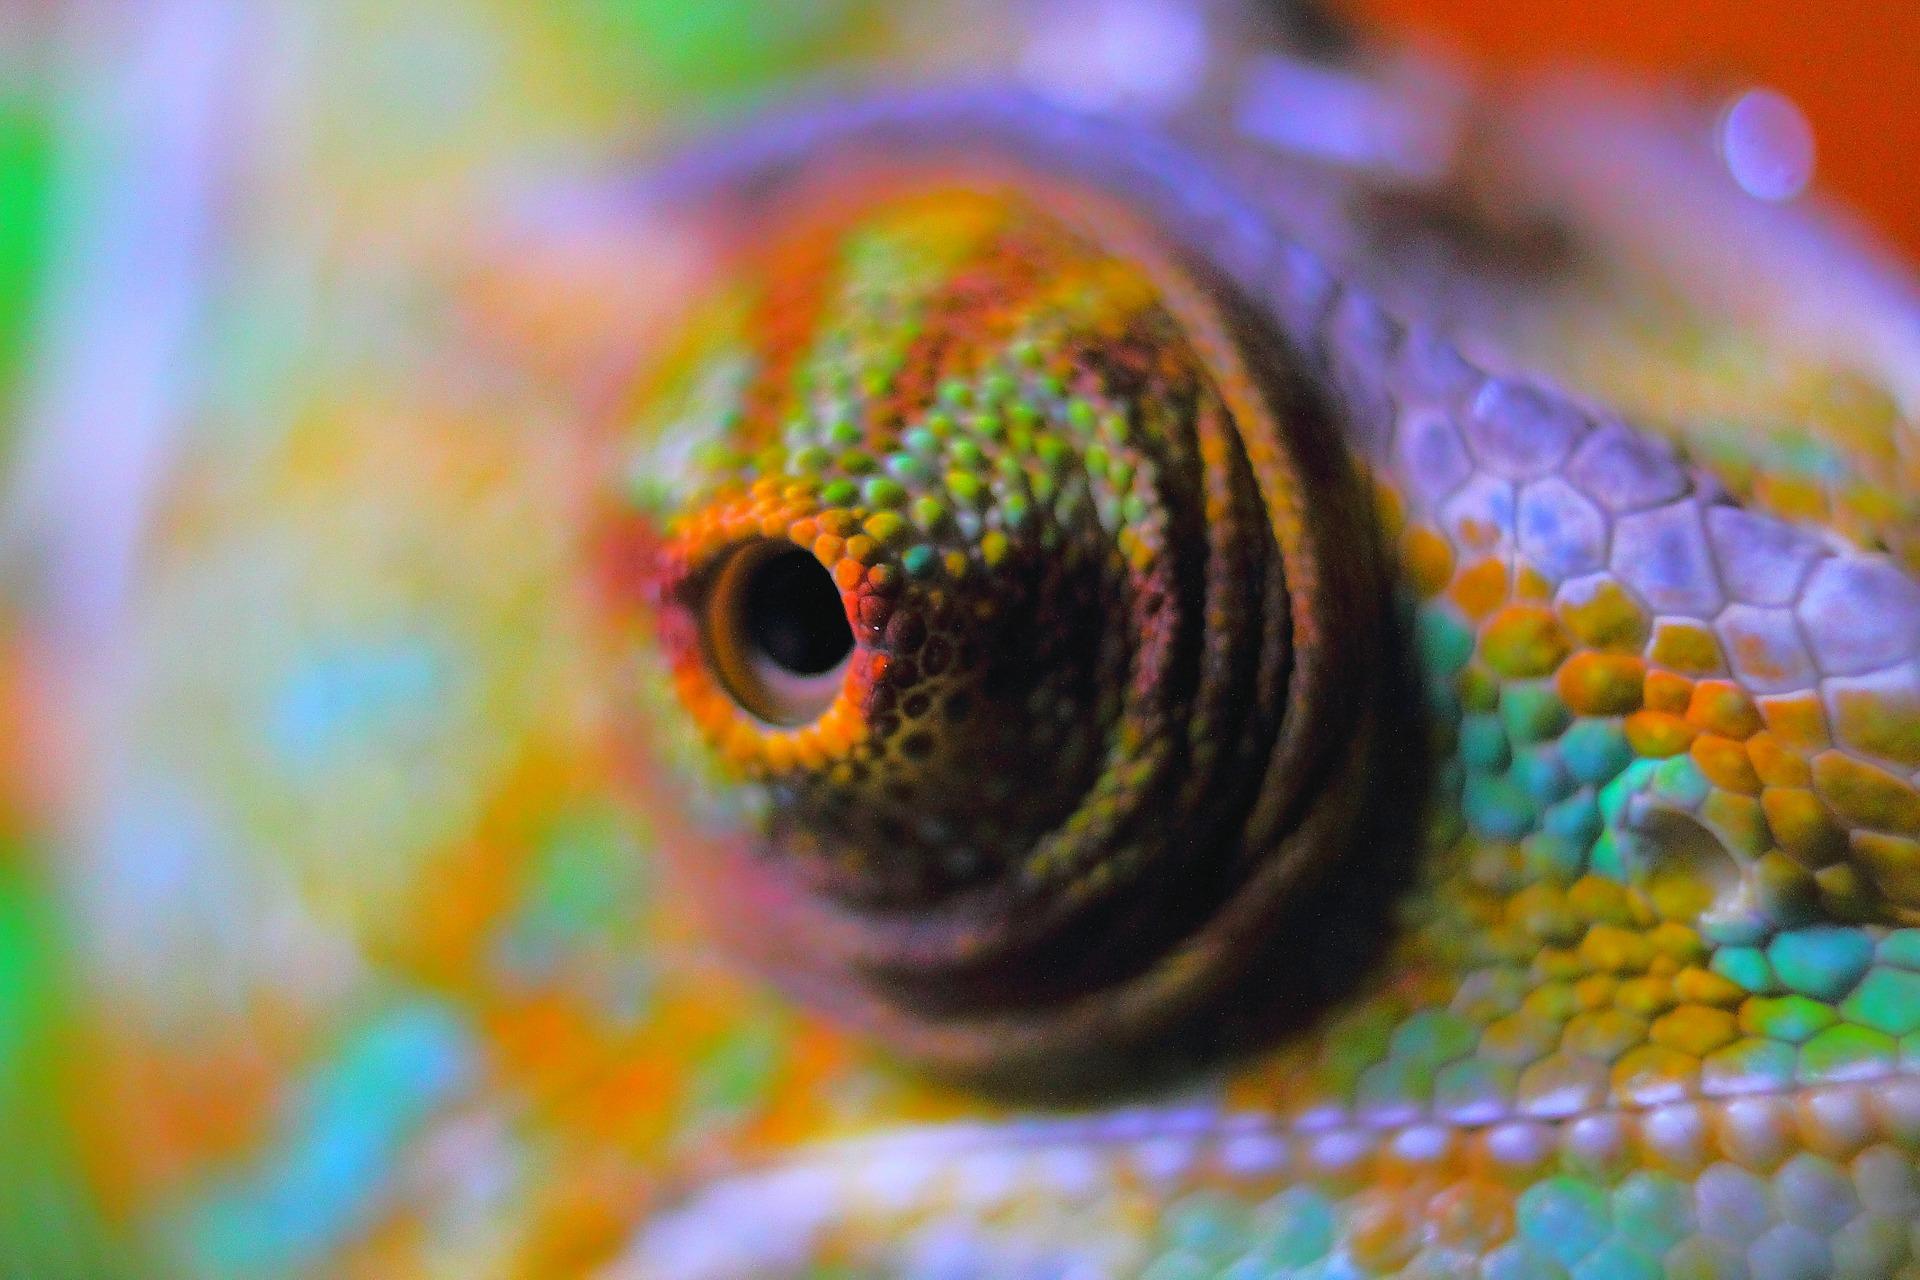 chameleon-abstract-378557_1920.jpg